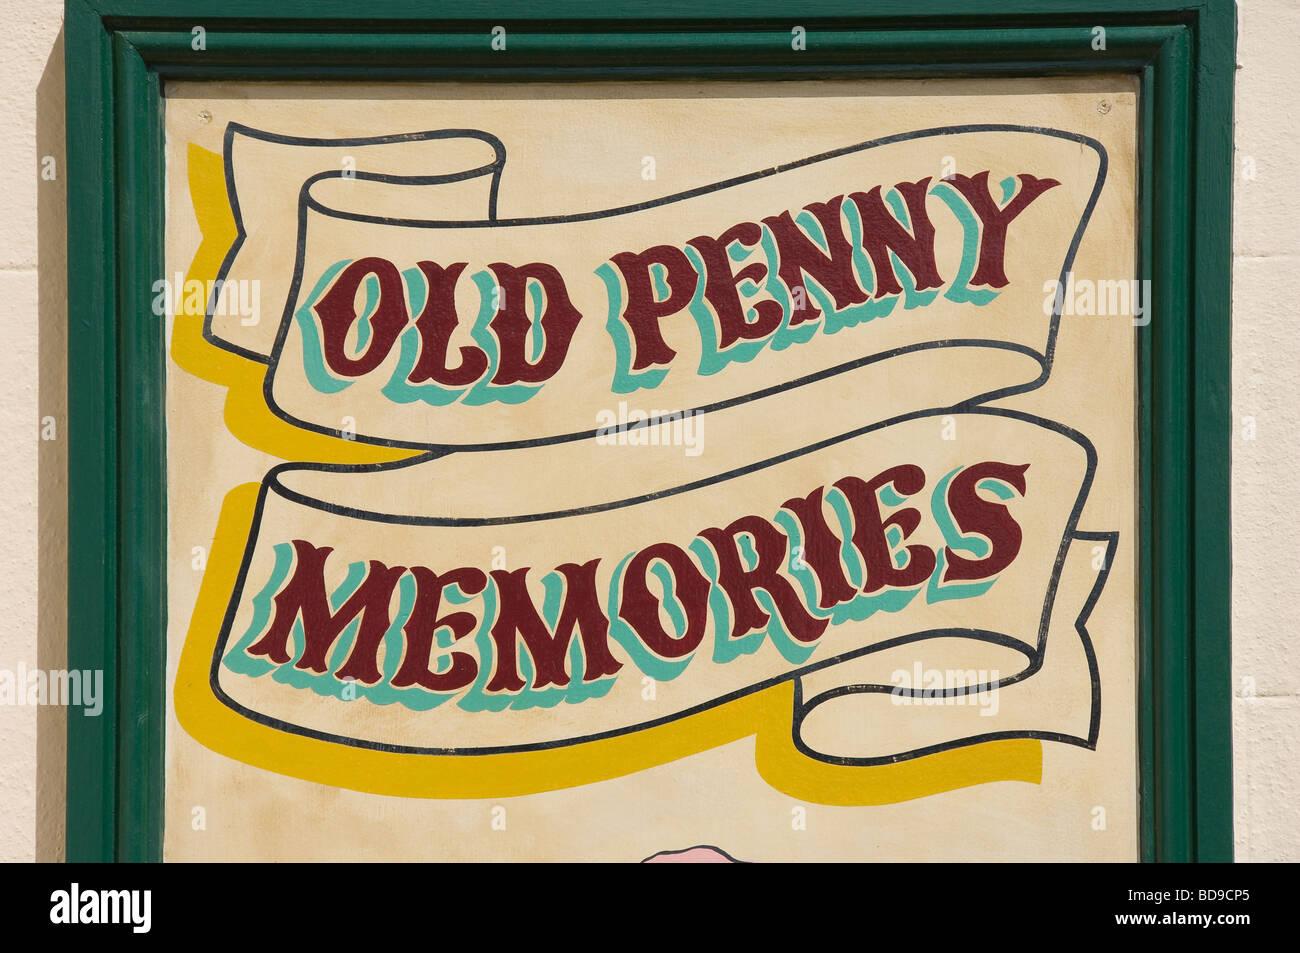 Vieux souvenirs penny sign close up à l'extérieur un musée Bridlington East Yorkshire England UK Royaume-Uni GB Banque D'Images